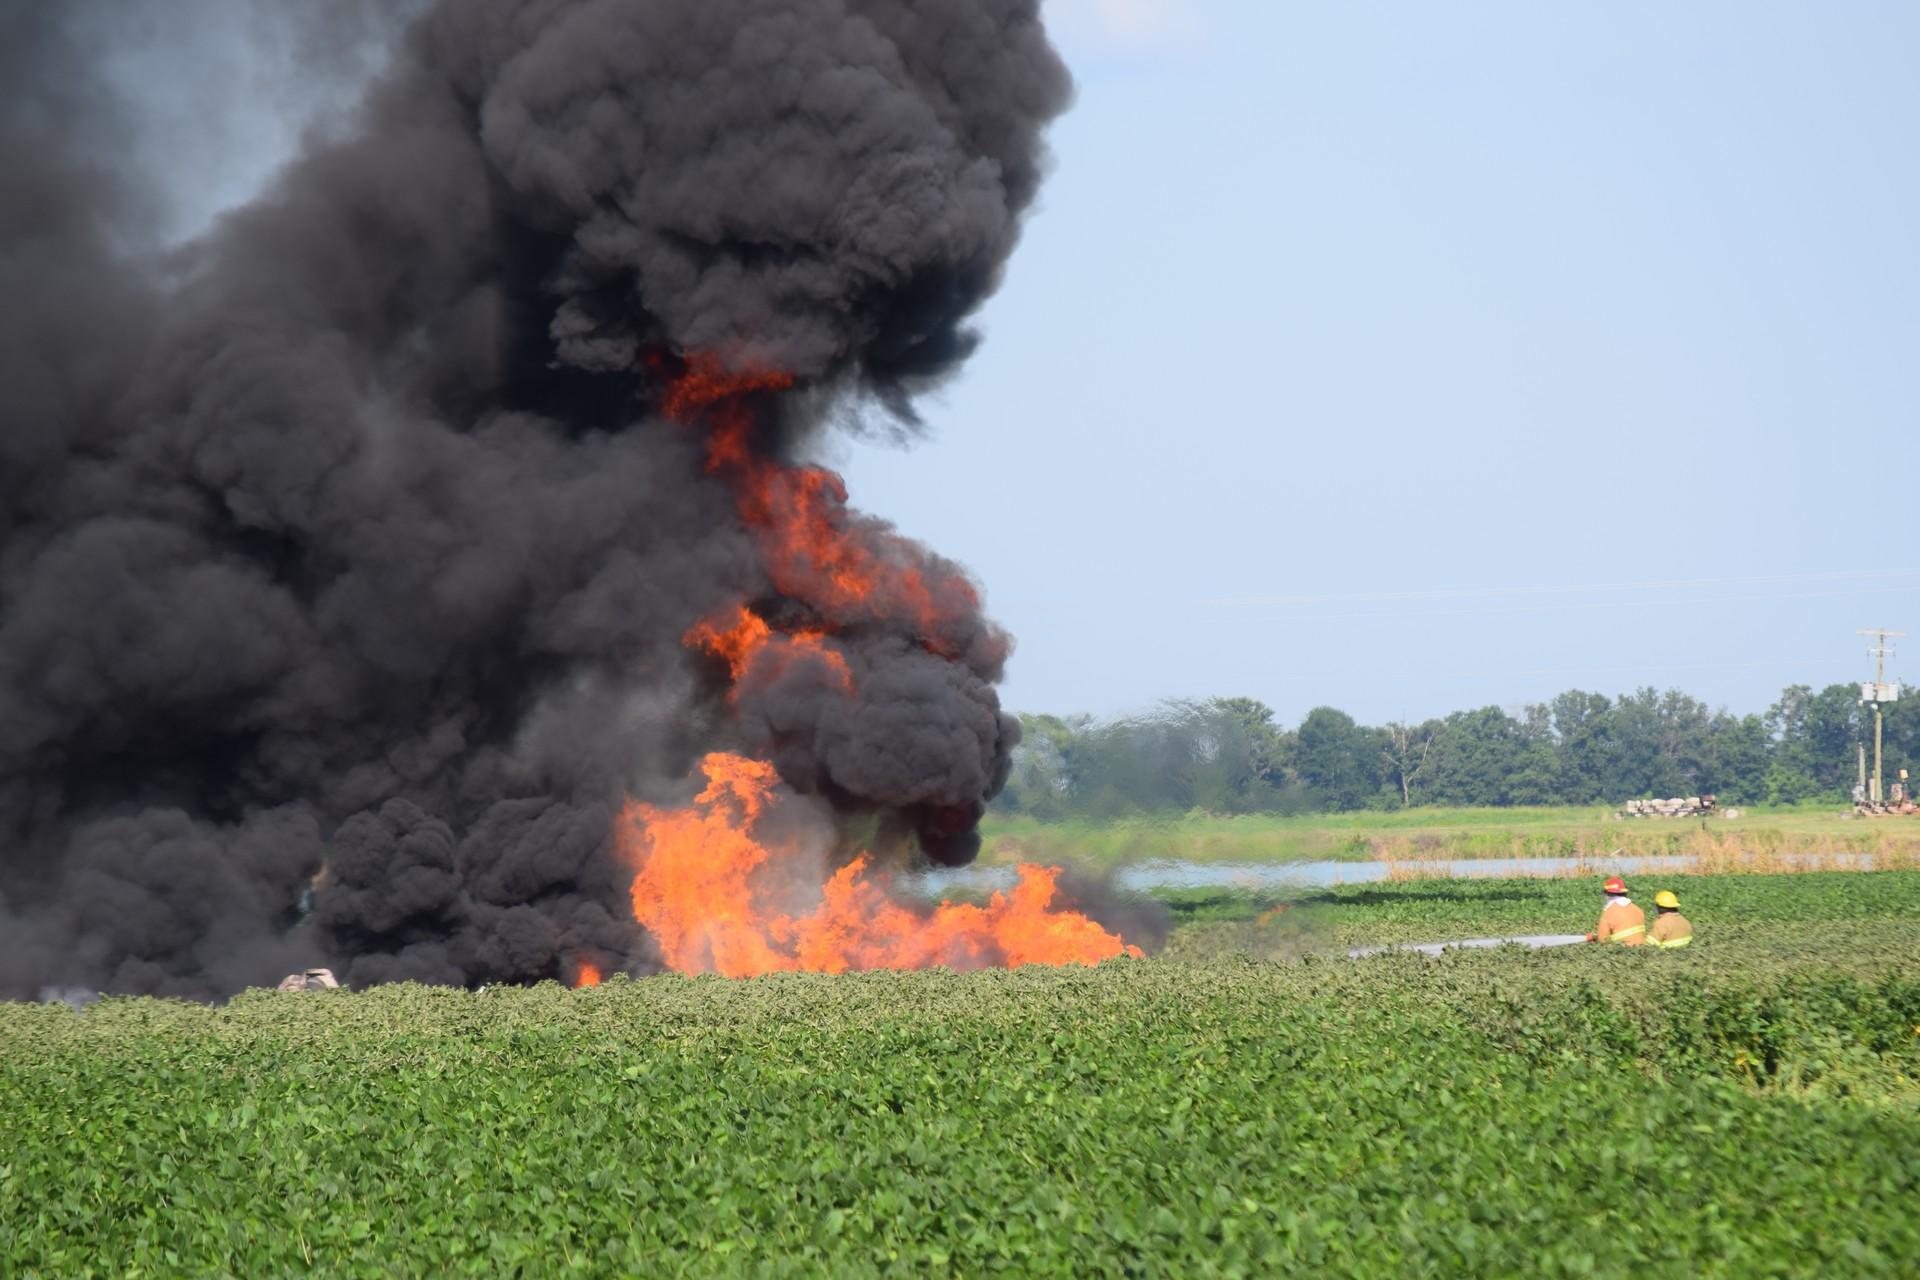 u s  marine corps kc-130 crash leaves 16 dead